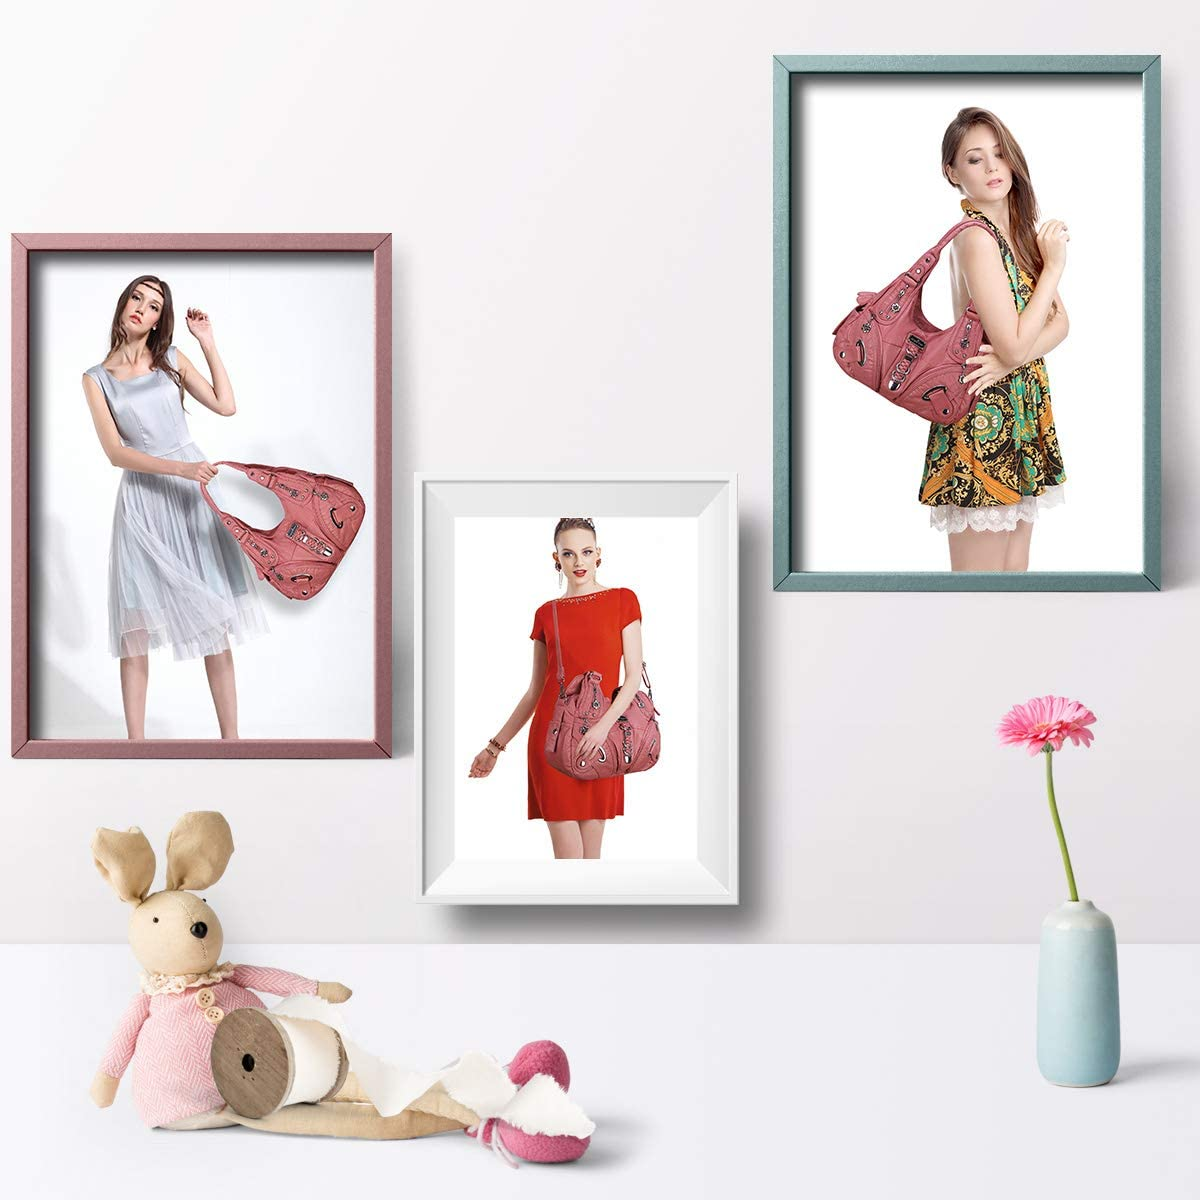 Angel Barcelo Sac à main pour femme Sac à bandoulière en cuir PU Poignée supérieure Cartable Sac fourre-tout 11282#6031#152#pink.